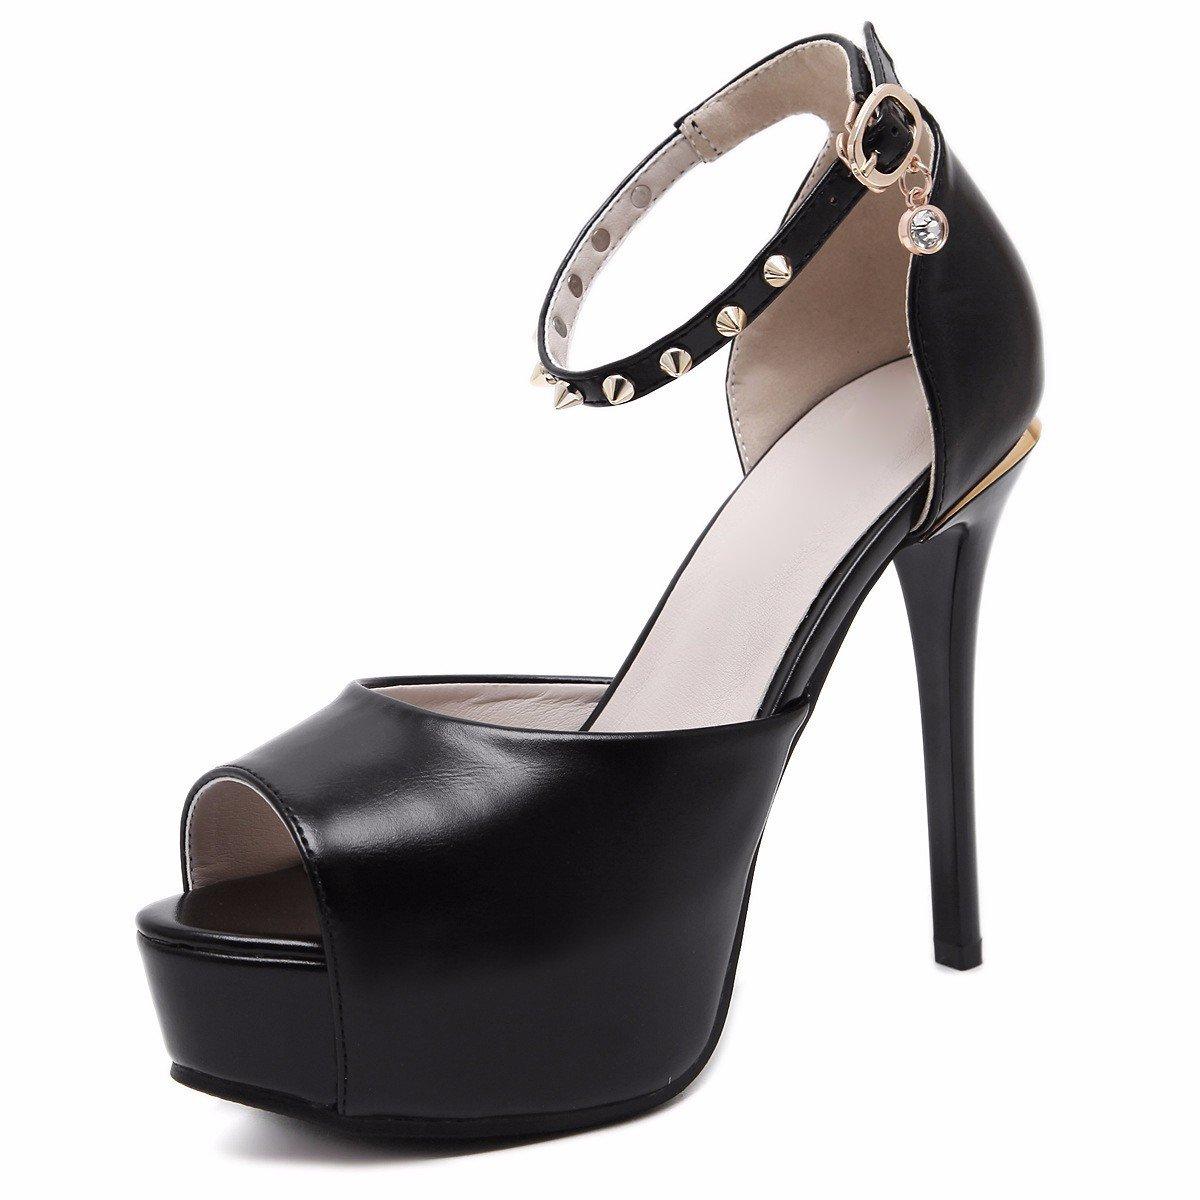 HBDLH-Damenschuhe/Fliege Schuhe mit 12Cm High Heels Öffnen Sie Die Sexy Loch Ein Wort an.